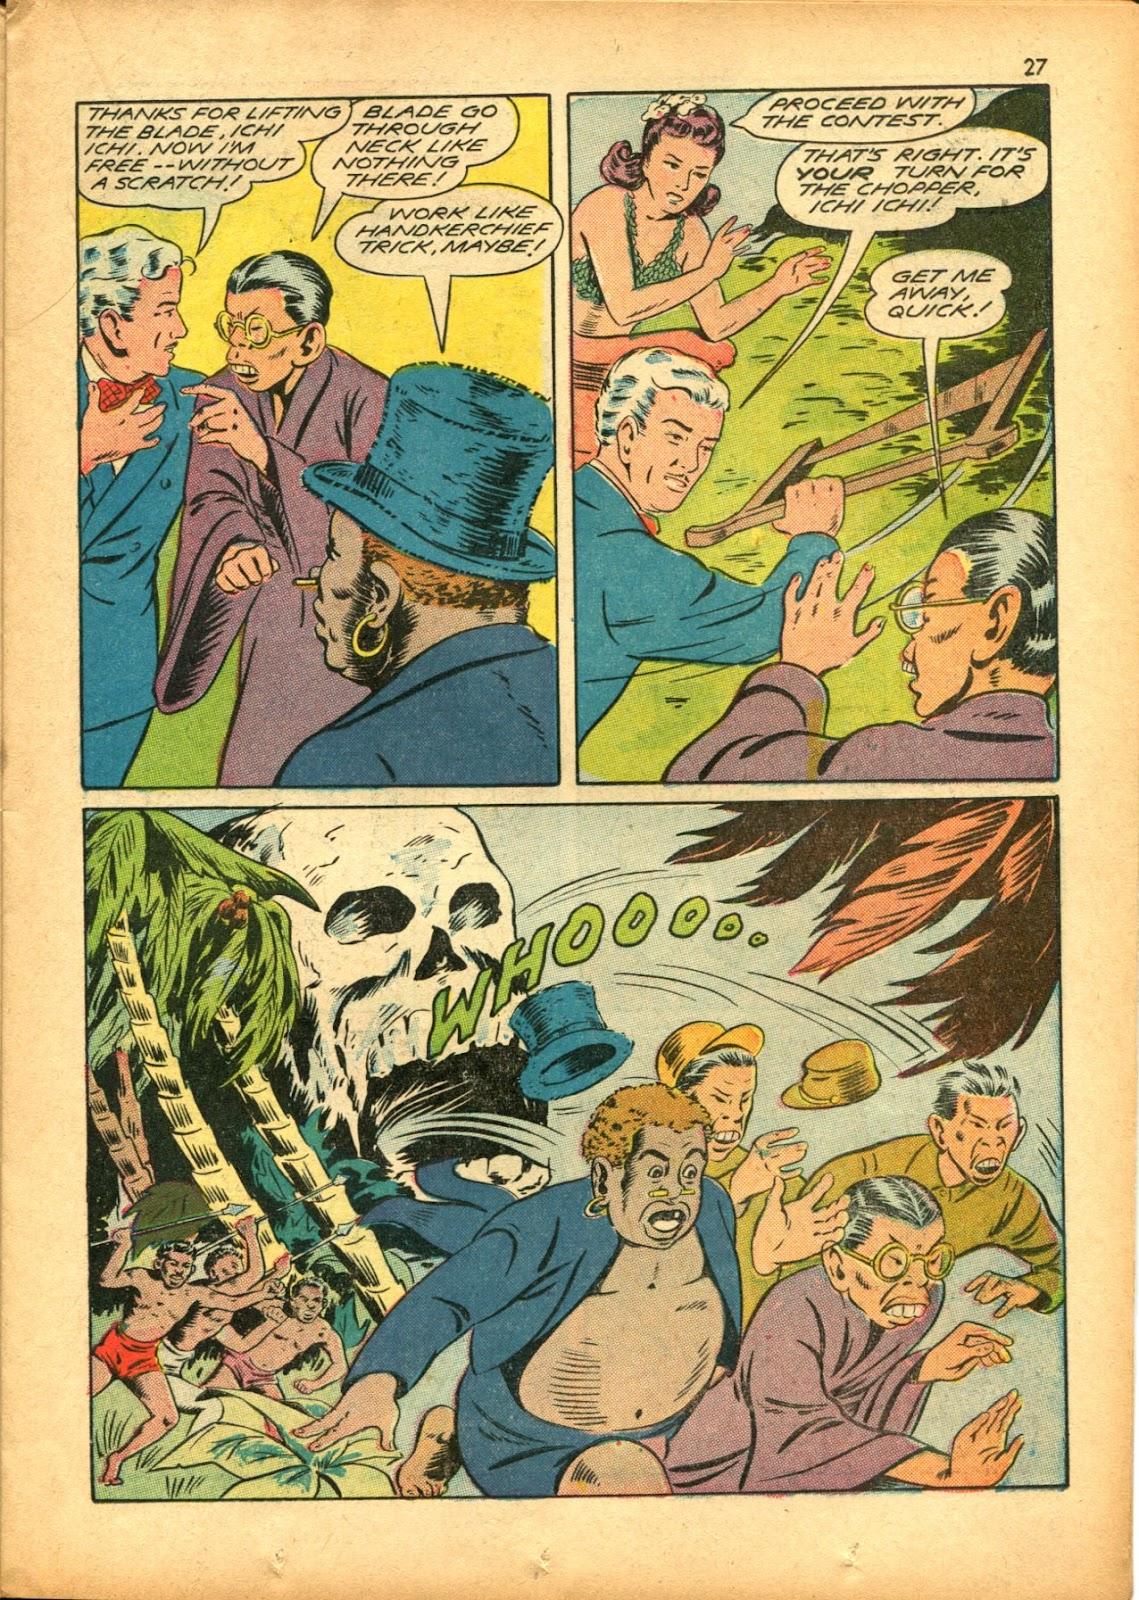 Read online Super-Magician Comics comic -  Issue #15 - 27